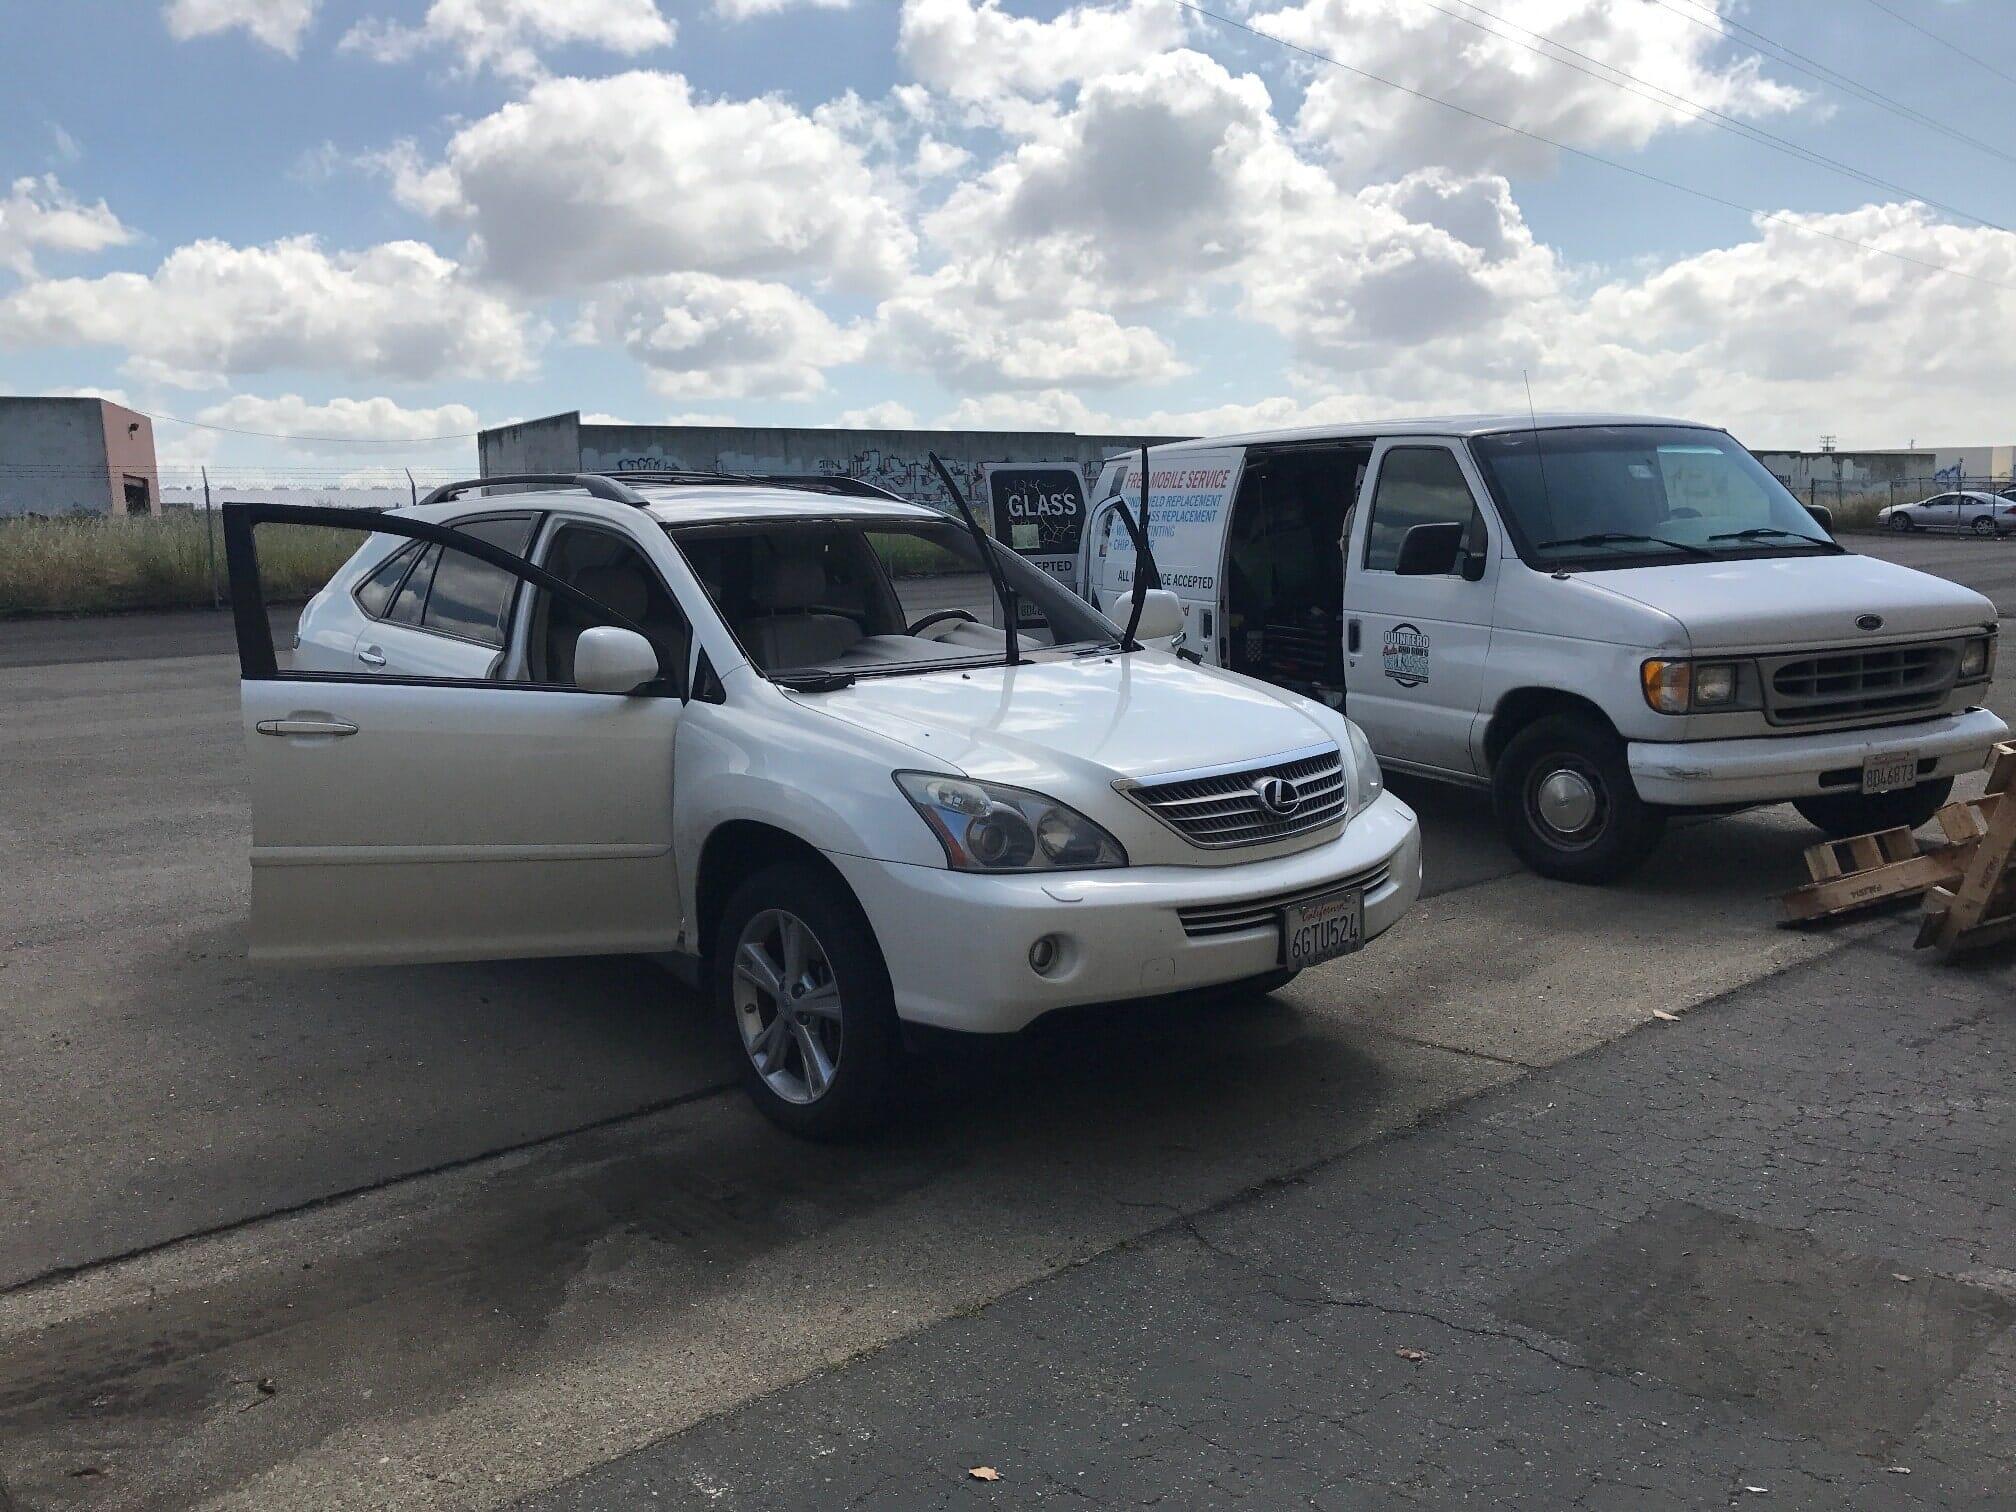 Mobile Auto Glass Repair Pleasanton Ca Tri Valley Quintero